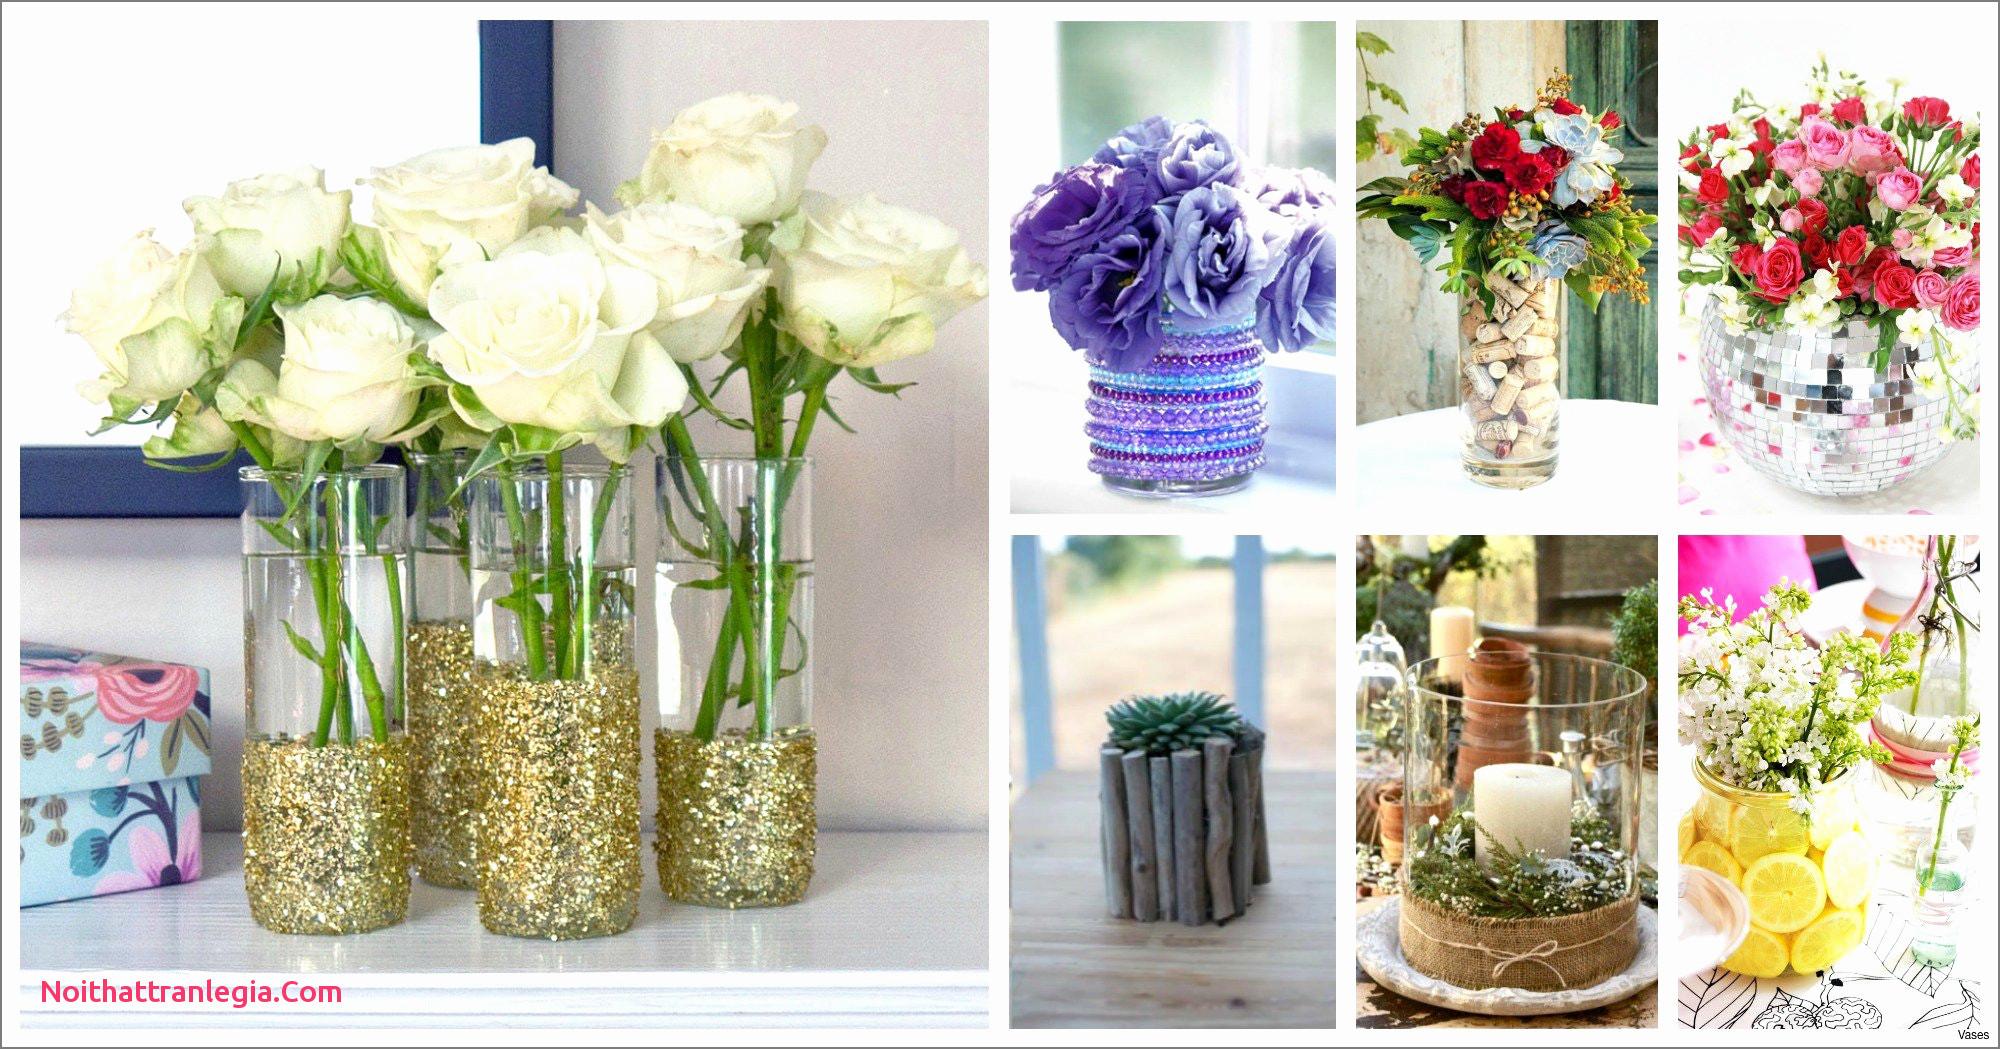 18 cylinder vase of 20 wedding vases noithattranlegia vases design in lovely cheap wedding rings square cut wedding rings dsc h vases square centerpiece dsc i 0d